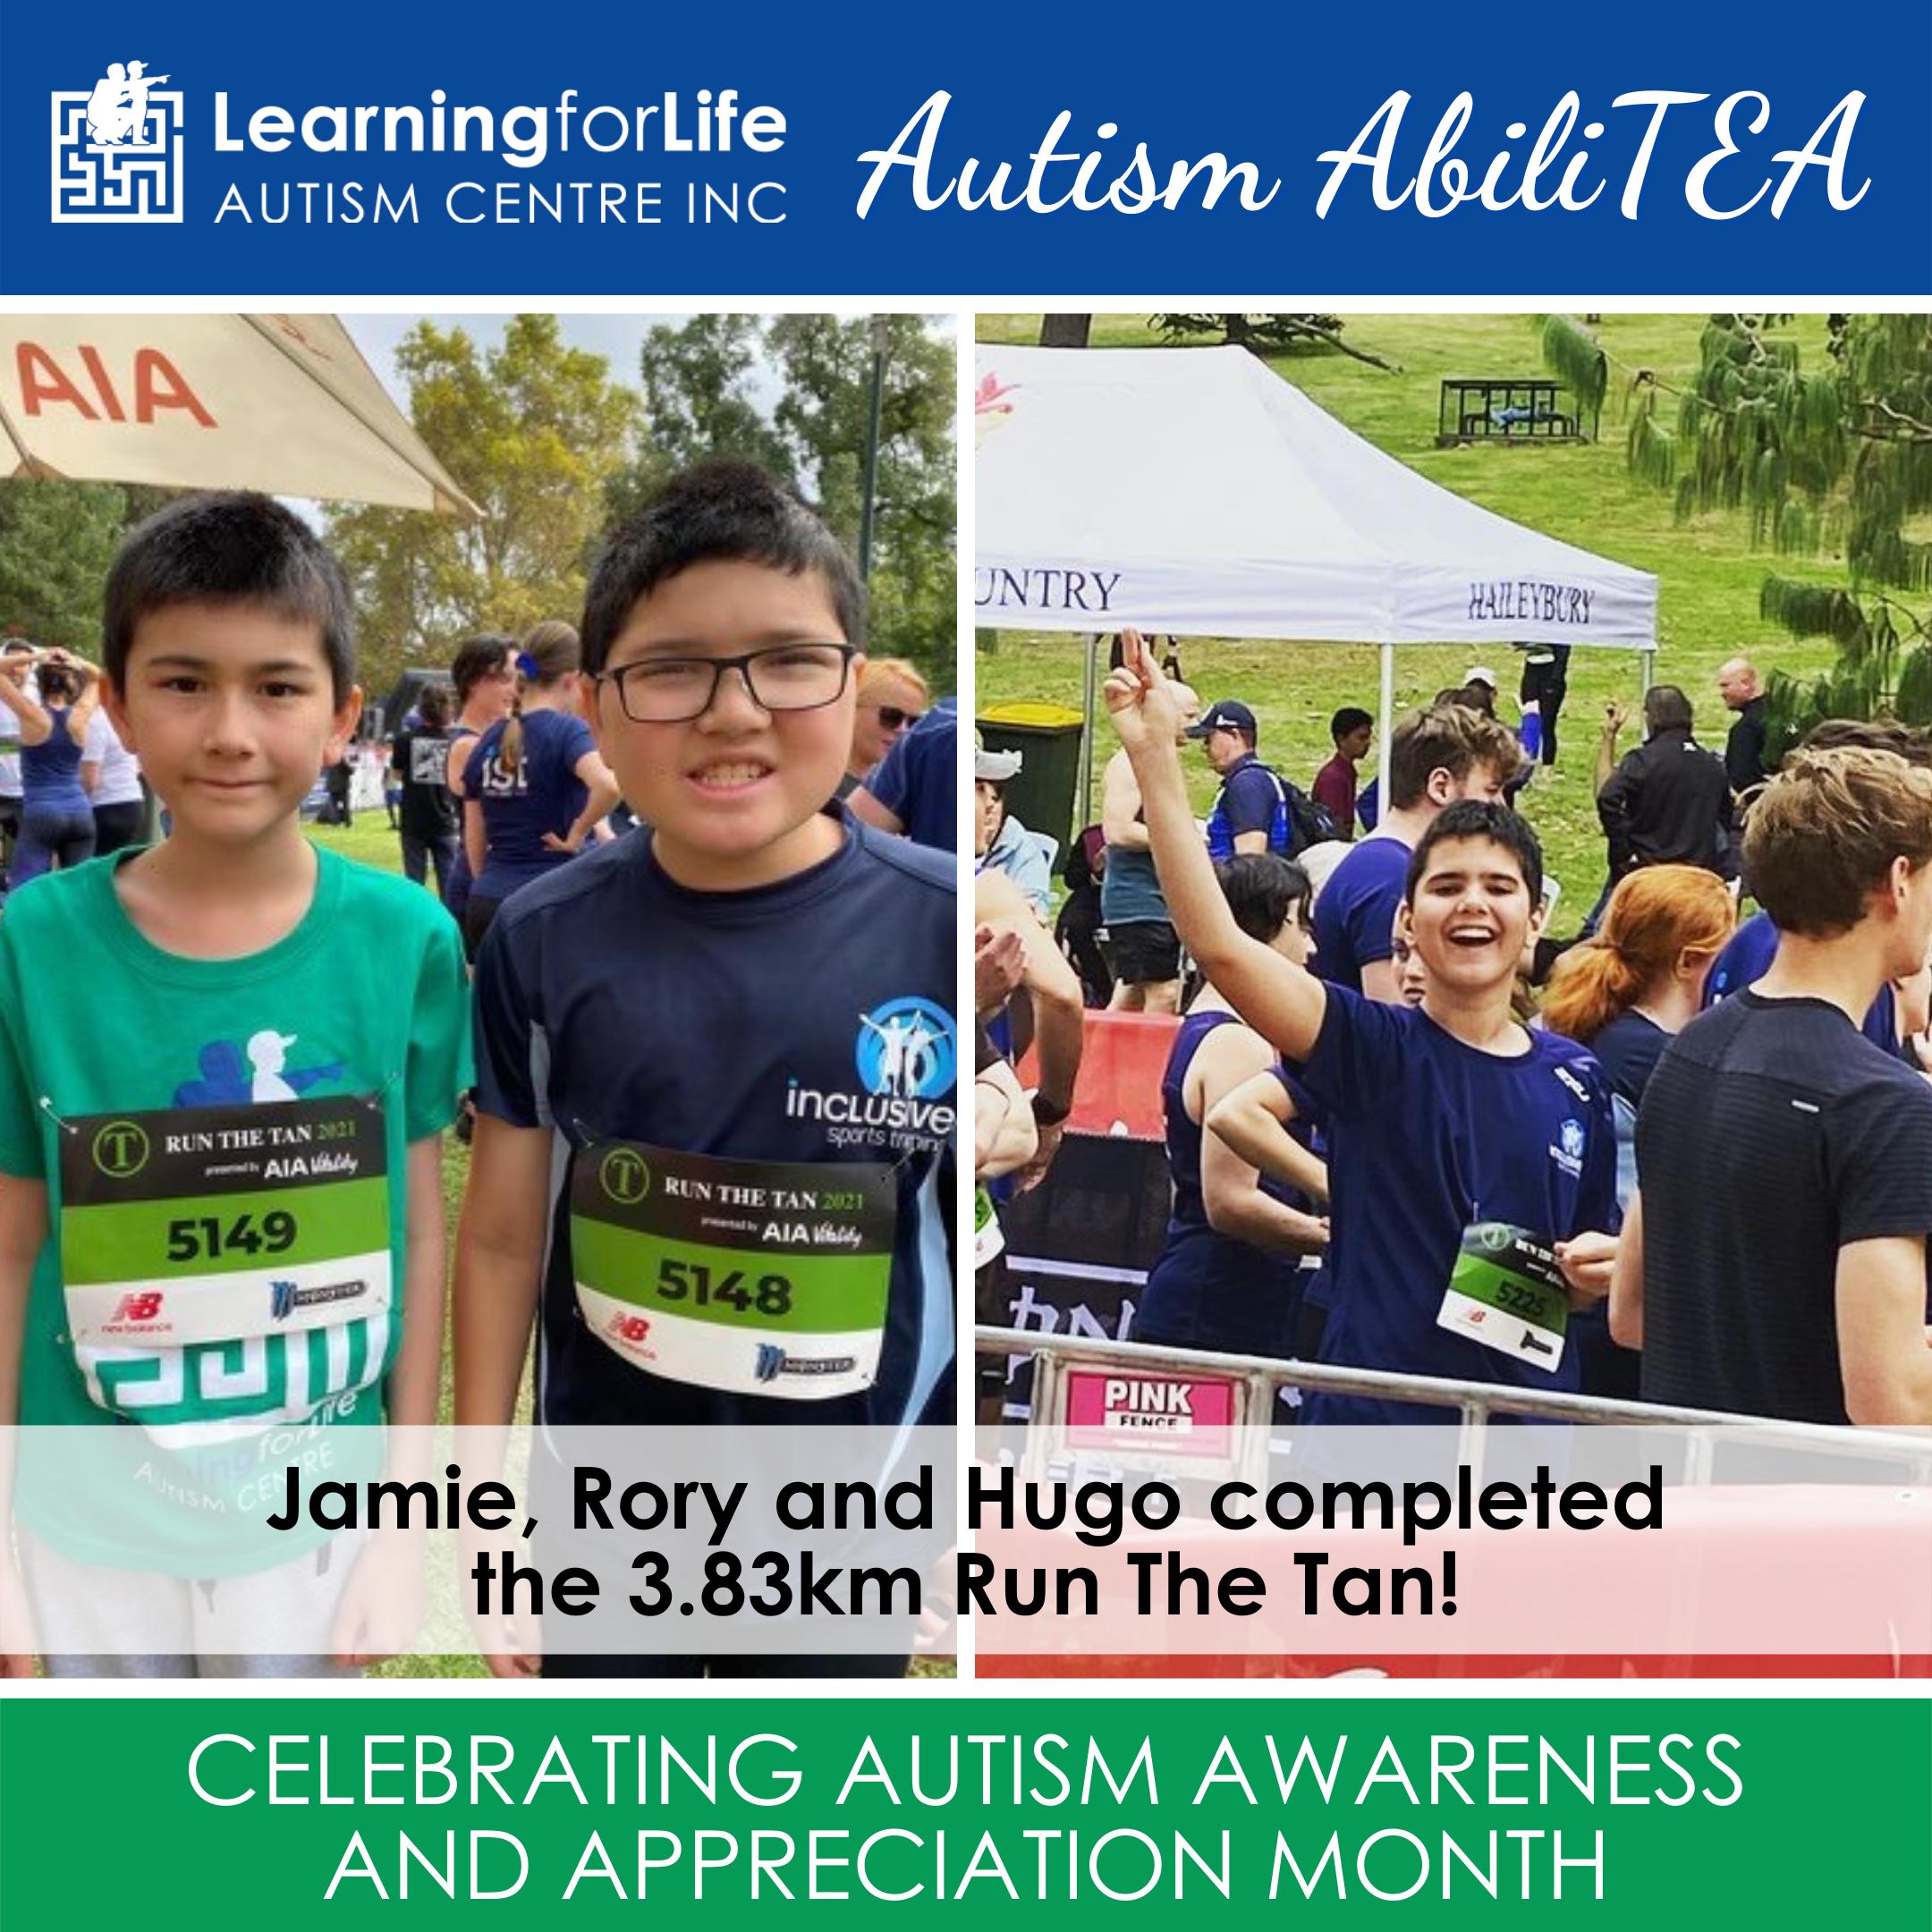 2021 L4Life's Autism AbiliTEA - runners